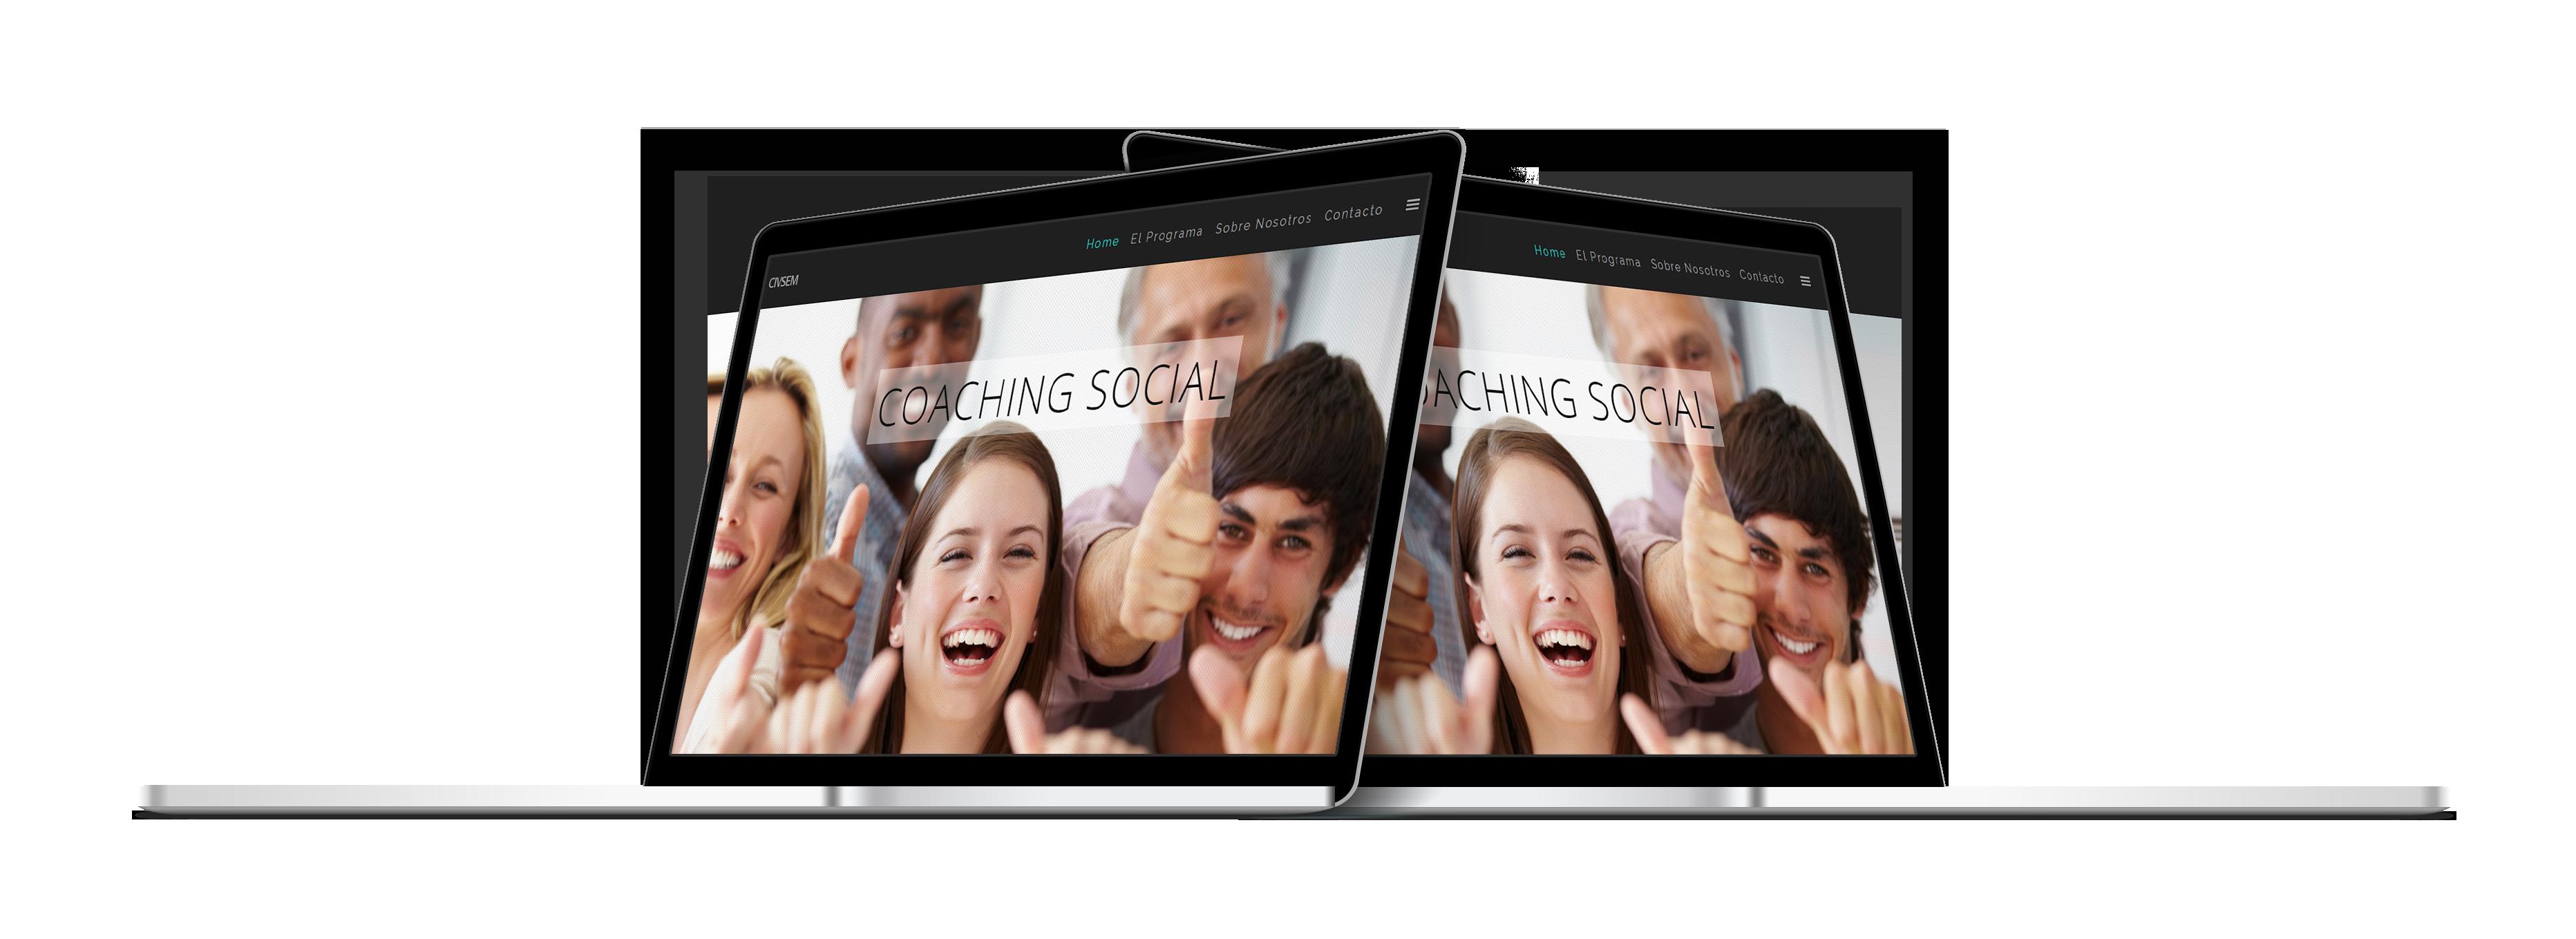 civsem.com/coachingsocial